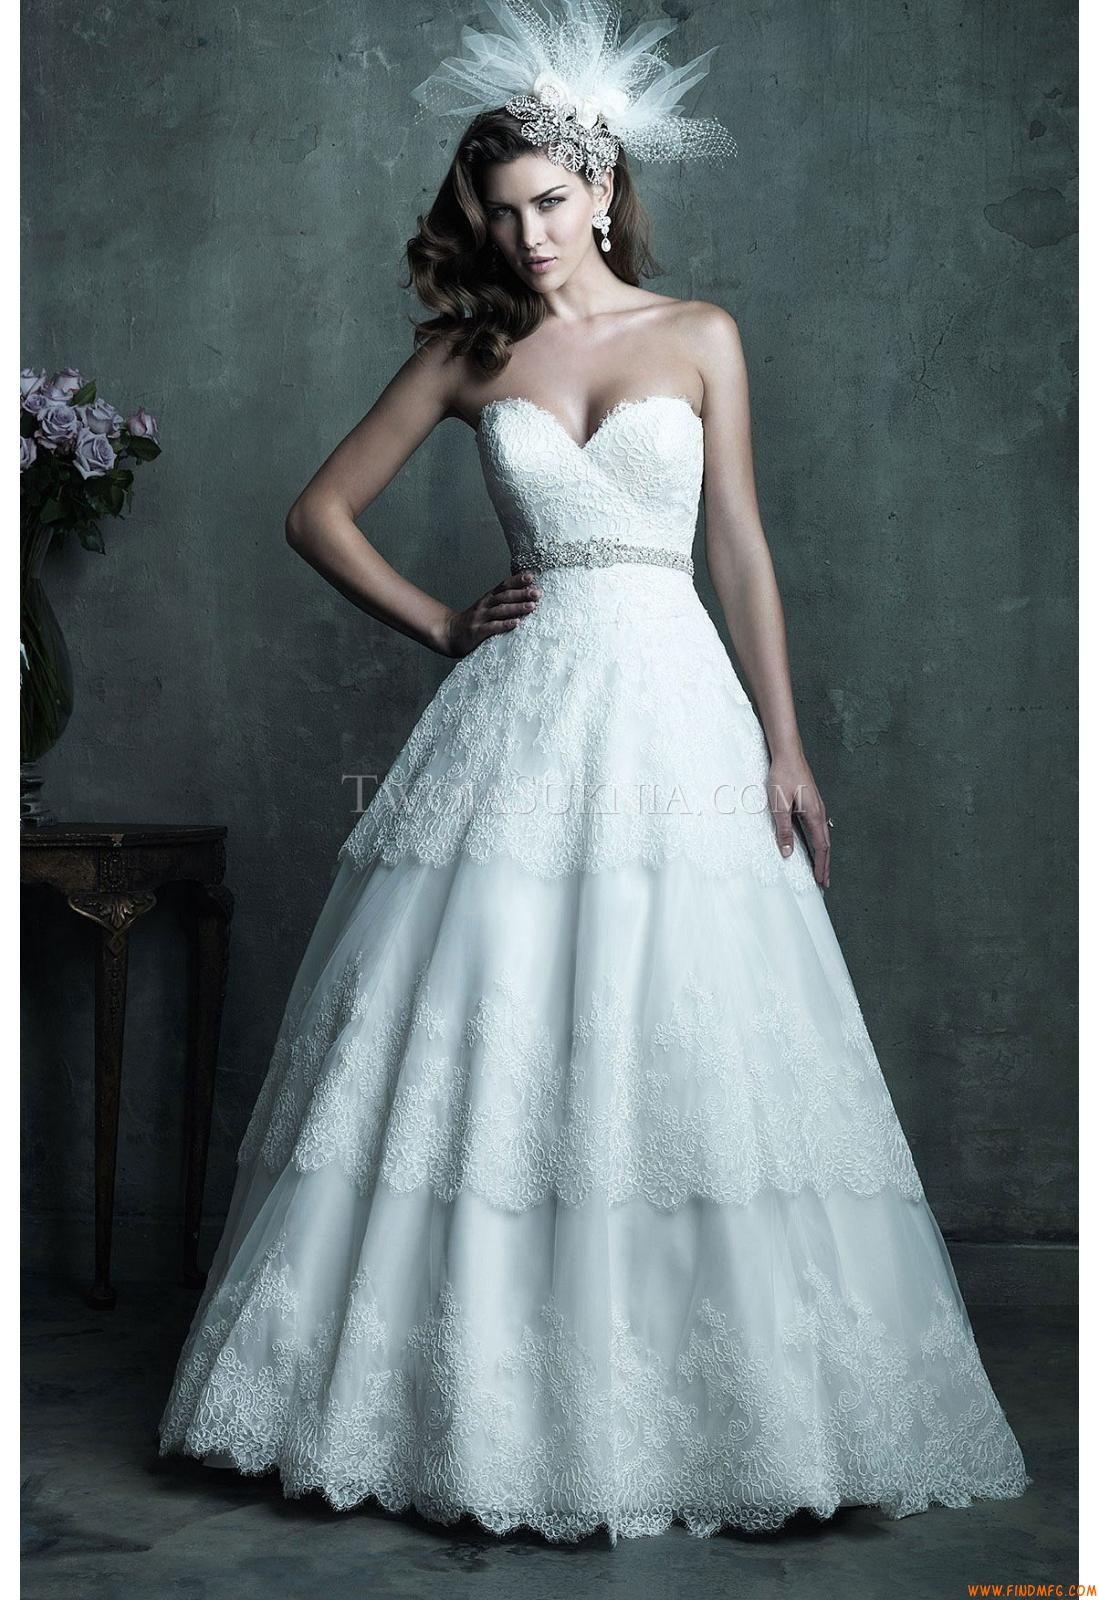 Vestidos de noiva Allure C285 Couture 2014 | vestidos de noiva ...